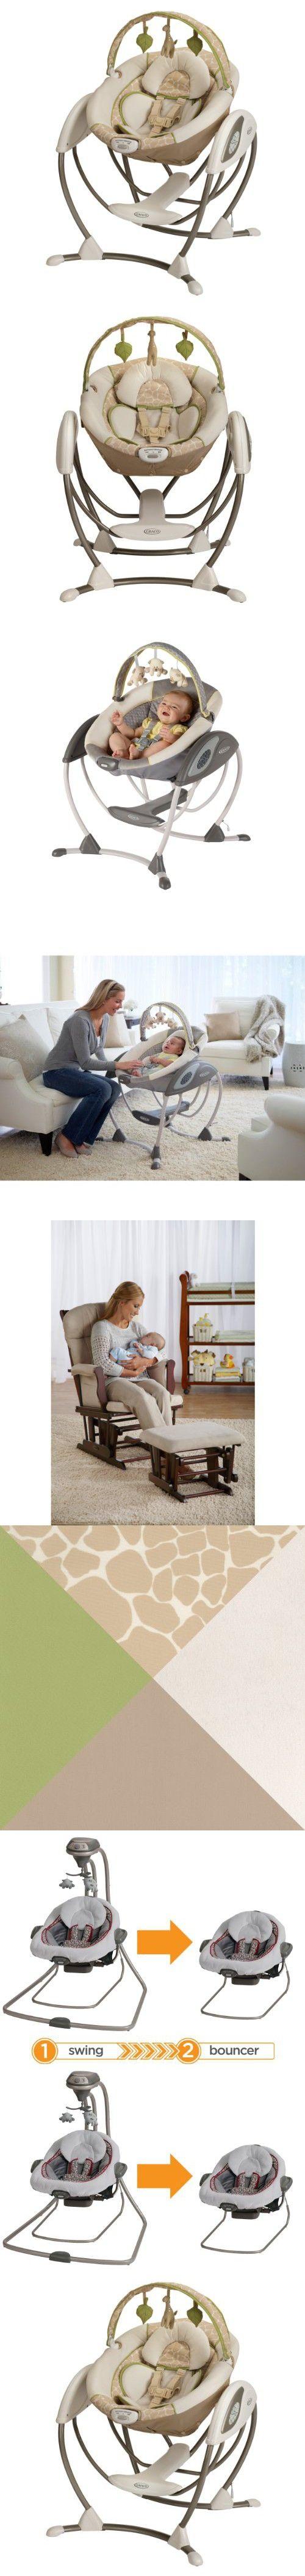 best Baby Swing Girl images on Pinterest